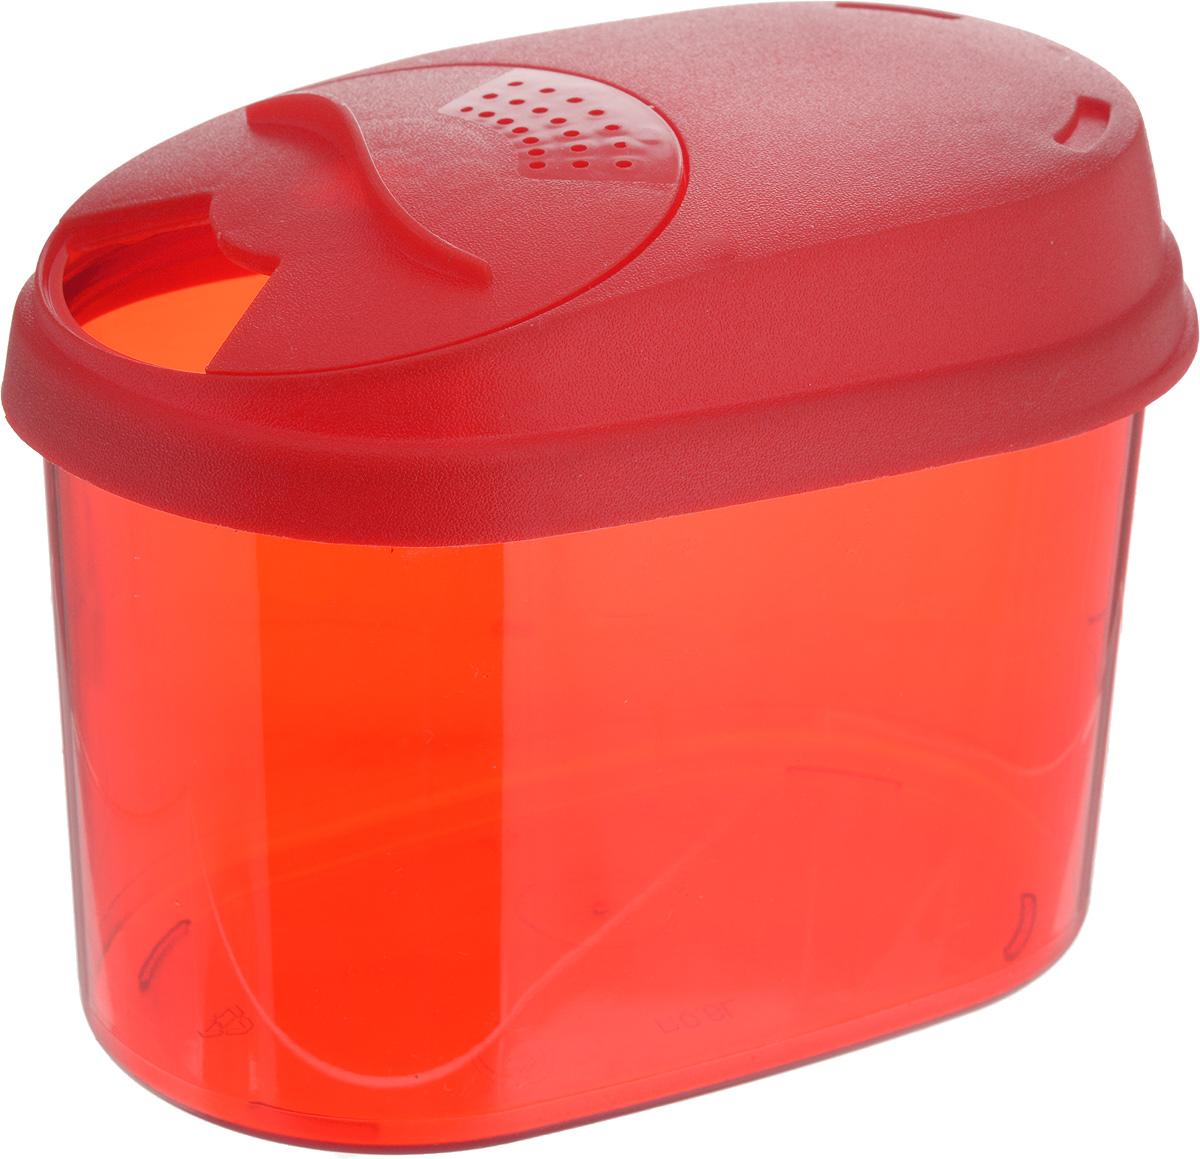 Банка для сыпучих продуктов Giaretti, с дозатором, цвет: красный, 0,8 лGR3610_красныйБанка для сыпучих продуктов Giaretti выполнена из высококачественного пластика. Банка предназначена для хранения круп, сахара, макаронных изделий и в том числе для продуктов с ярким ароматом (специи и прочее). Плотно прилегающая крышка не пропускает запахи содержимого в шкаф для хранения, при этом продукт не теряет своего аромата. Двойной дозатор предназначен для мелких и крупных сыпучих продуктов.Можно мыть в посудомоечной машине. Объем: 0,8 л.Размер (по верхнему краю): 14,5 x 8,5 см.Высота (с учетом крышки): 11 см.